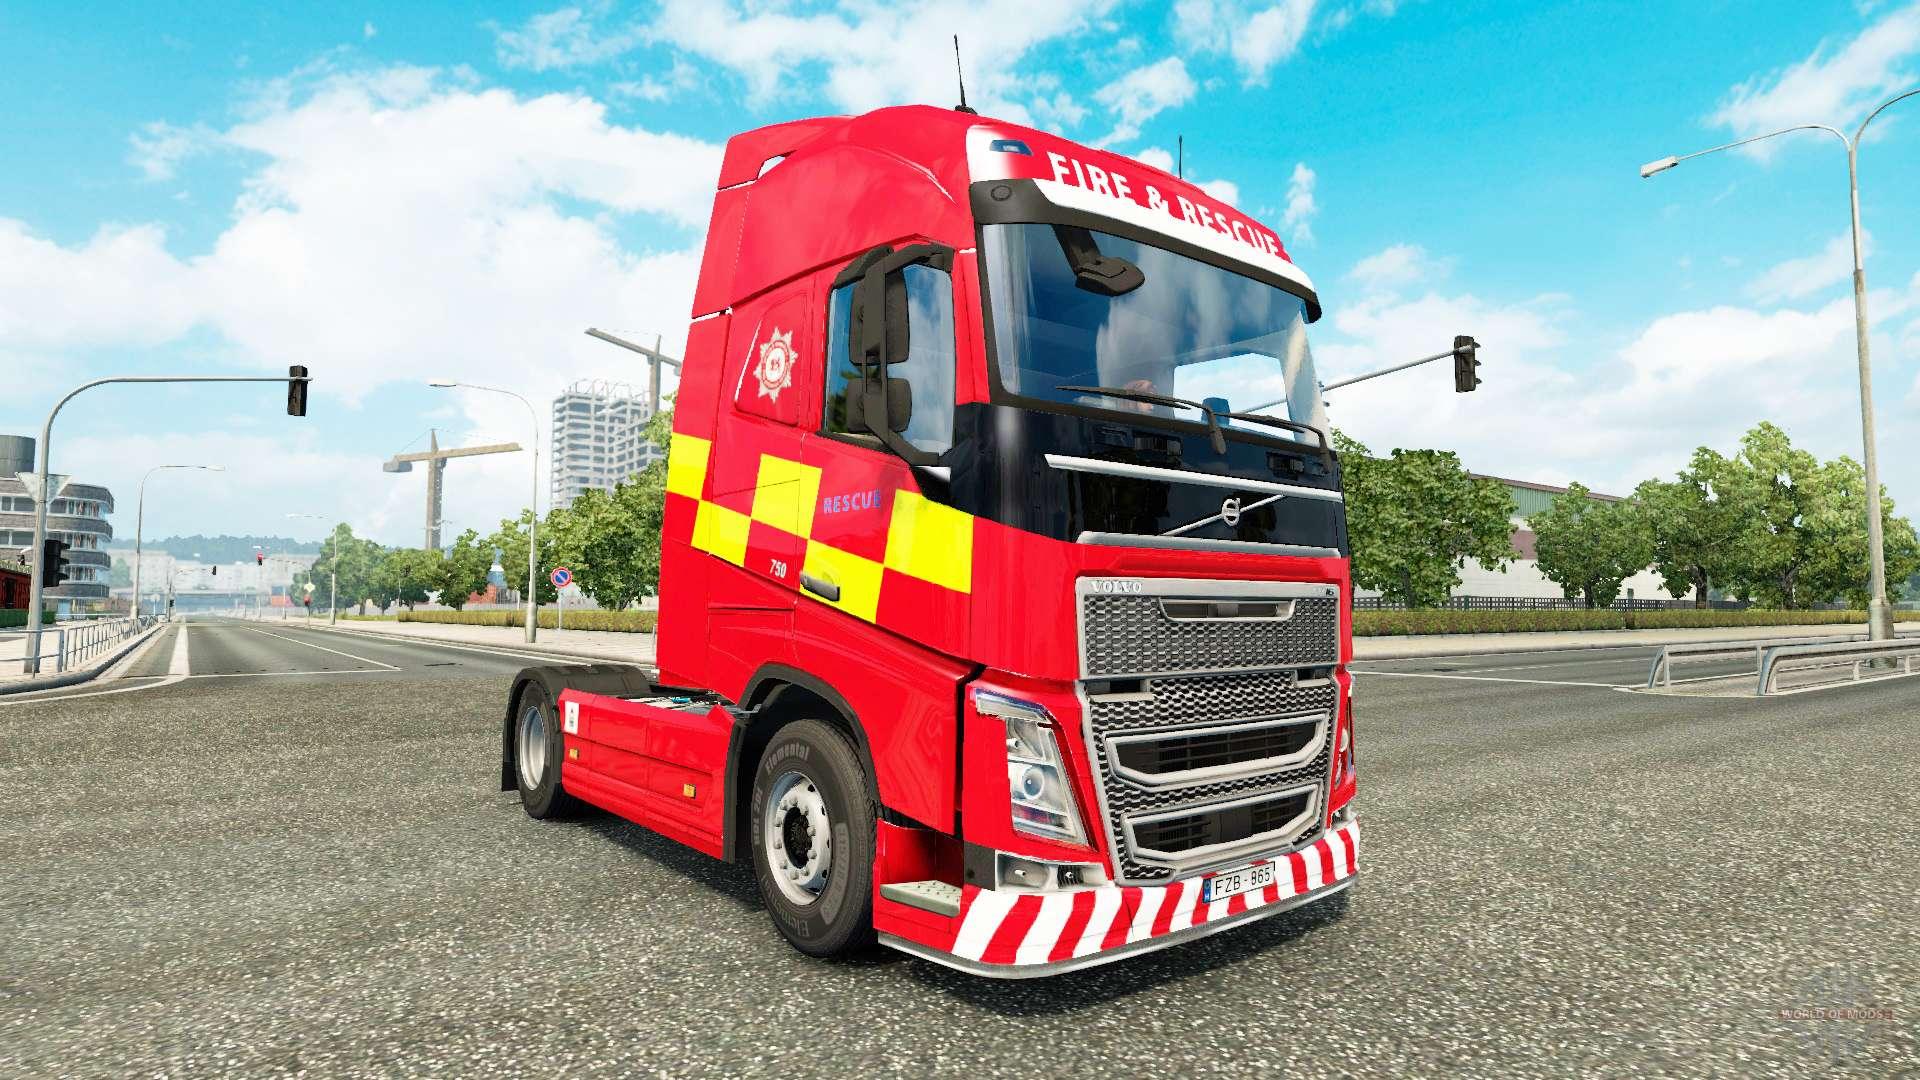 Pele de Incêndio E Salvamento, de Volvo caminhões para Euro